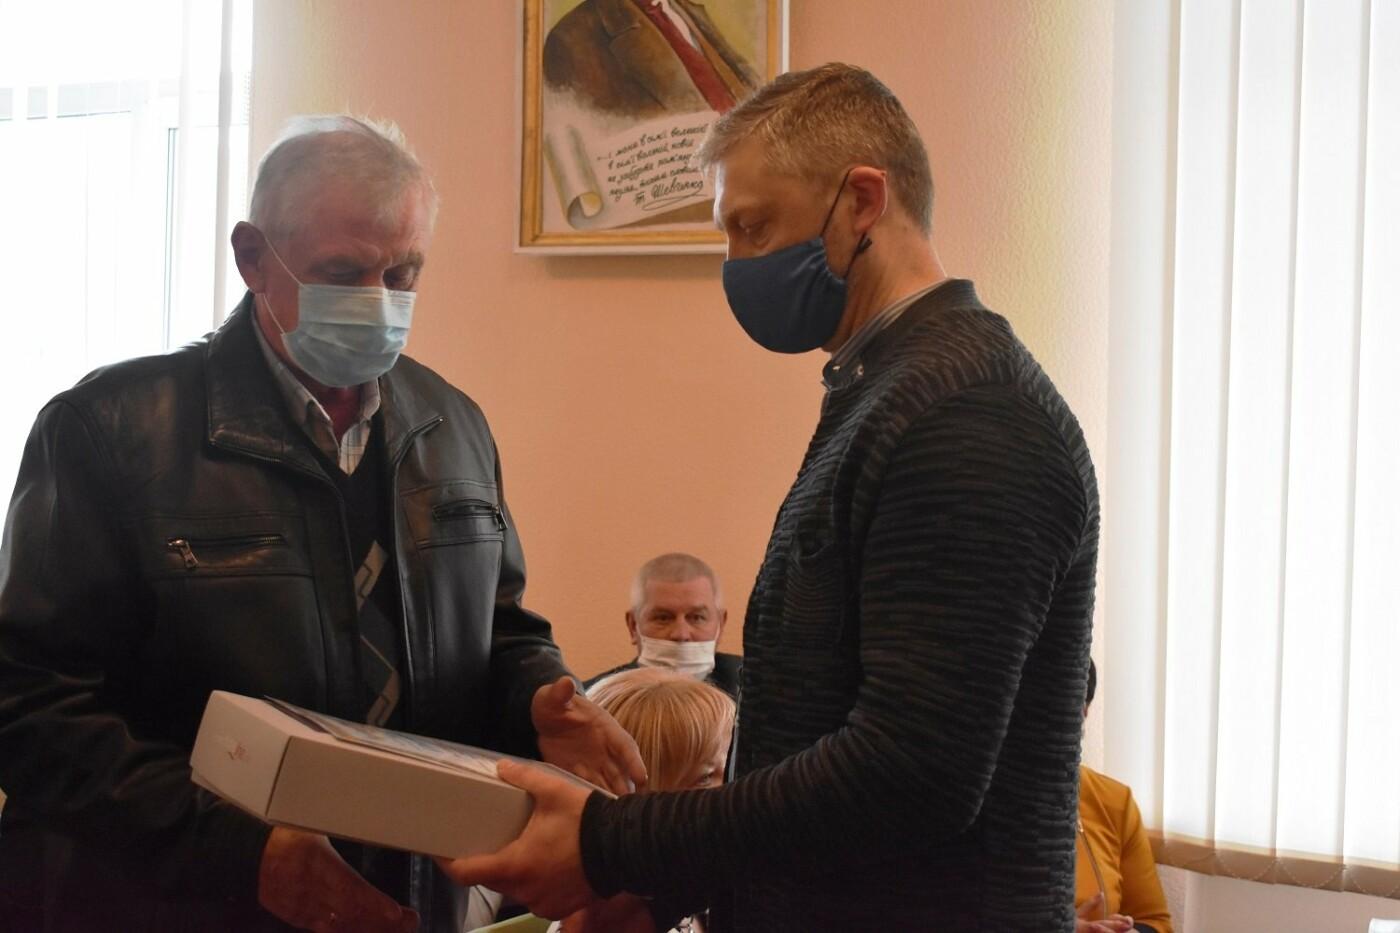 В Северодонецке наградили грамотами ликвидаторов чернобыльской катастрофы (фото), фото-6